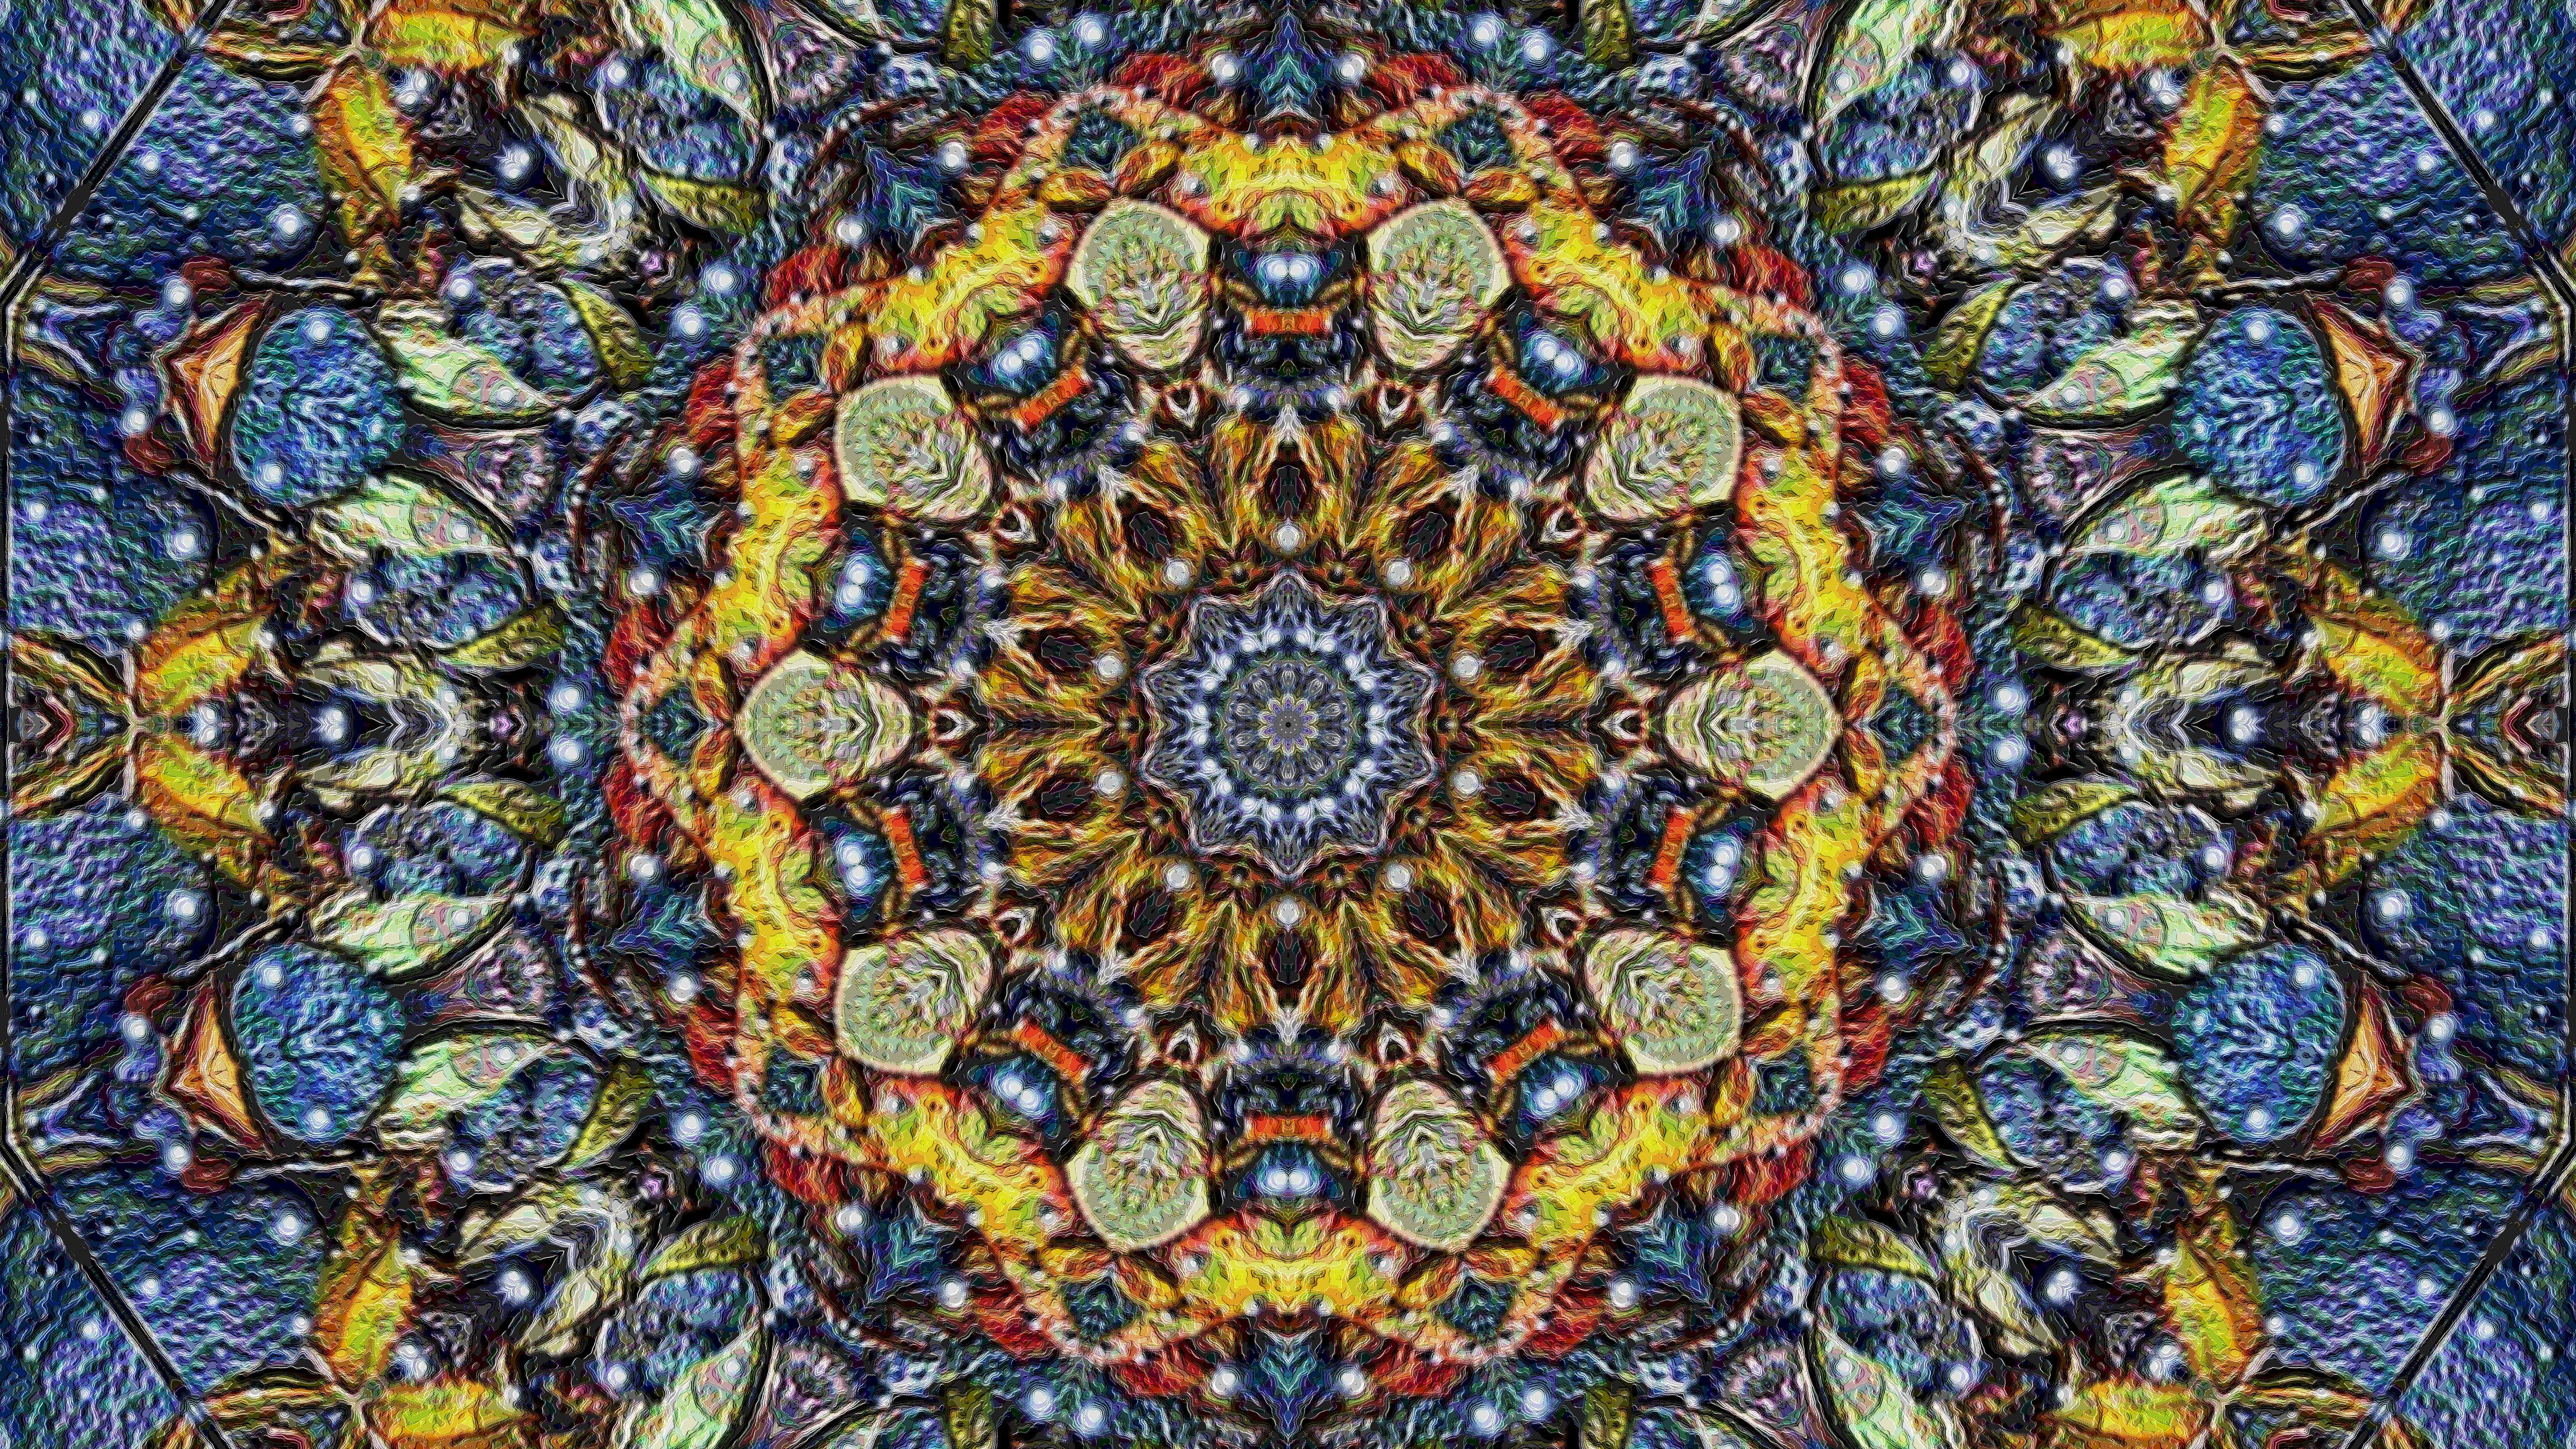 Keleidoscope Backgrounds on Wallpapers Vista